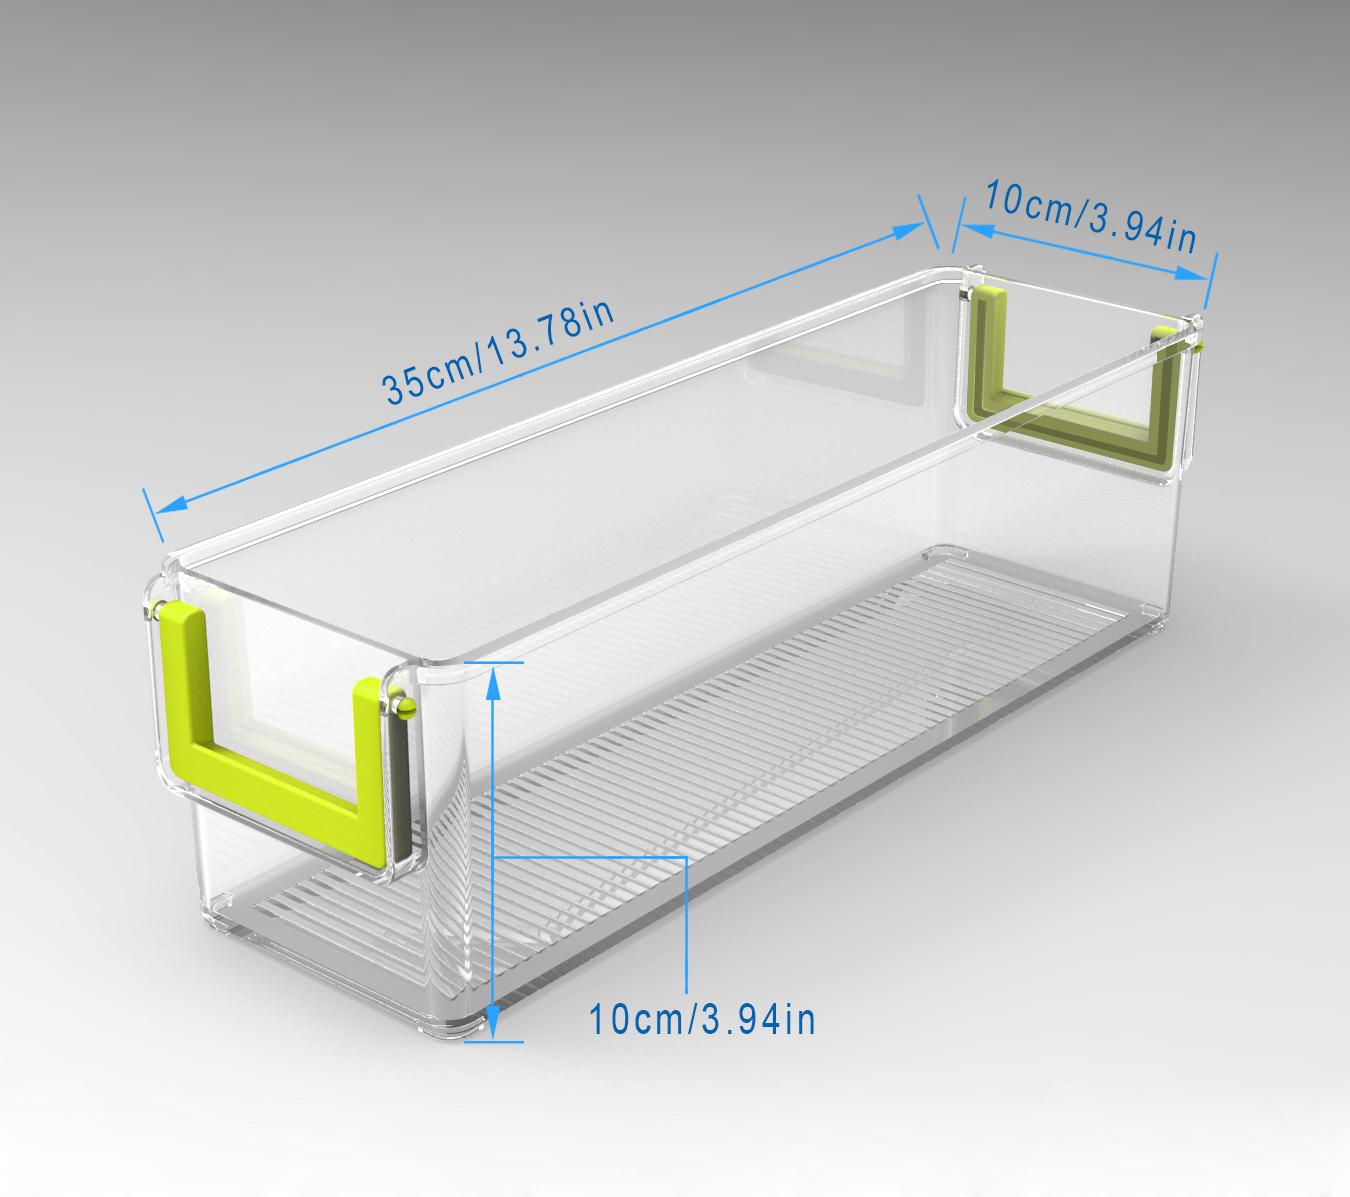 Full Size of Küchen Aufbewahrungsbehälter 3er Set Kchen Khlschrank Boaufbewahrungsbehlter Küche Regal Wohnzimmer Küchen Aufbewahrungsbehälter